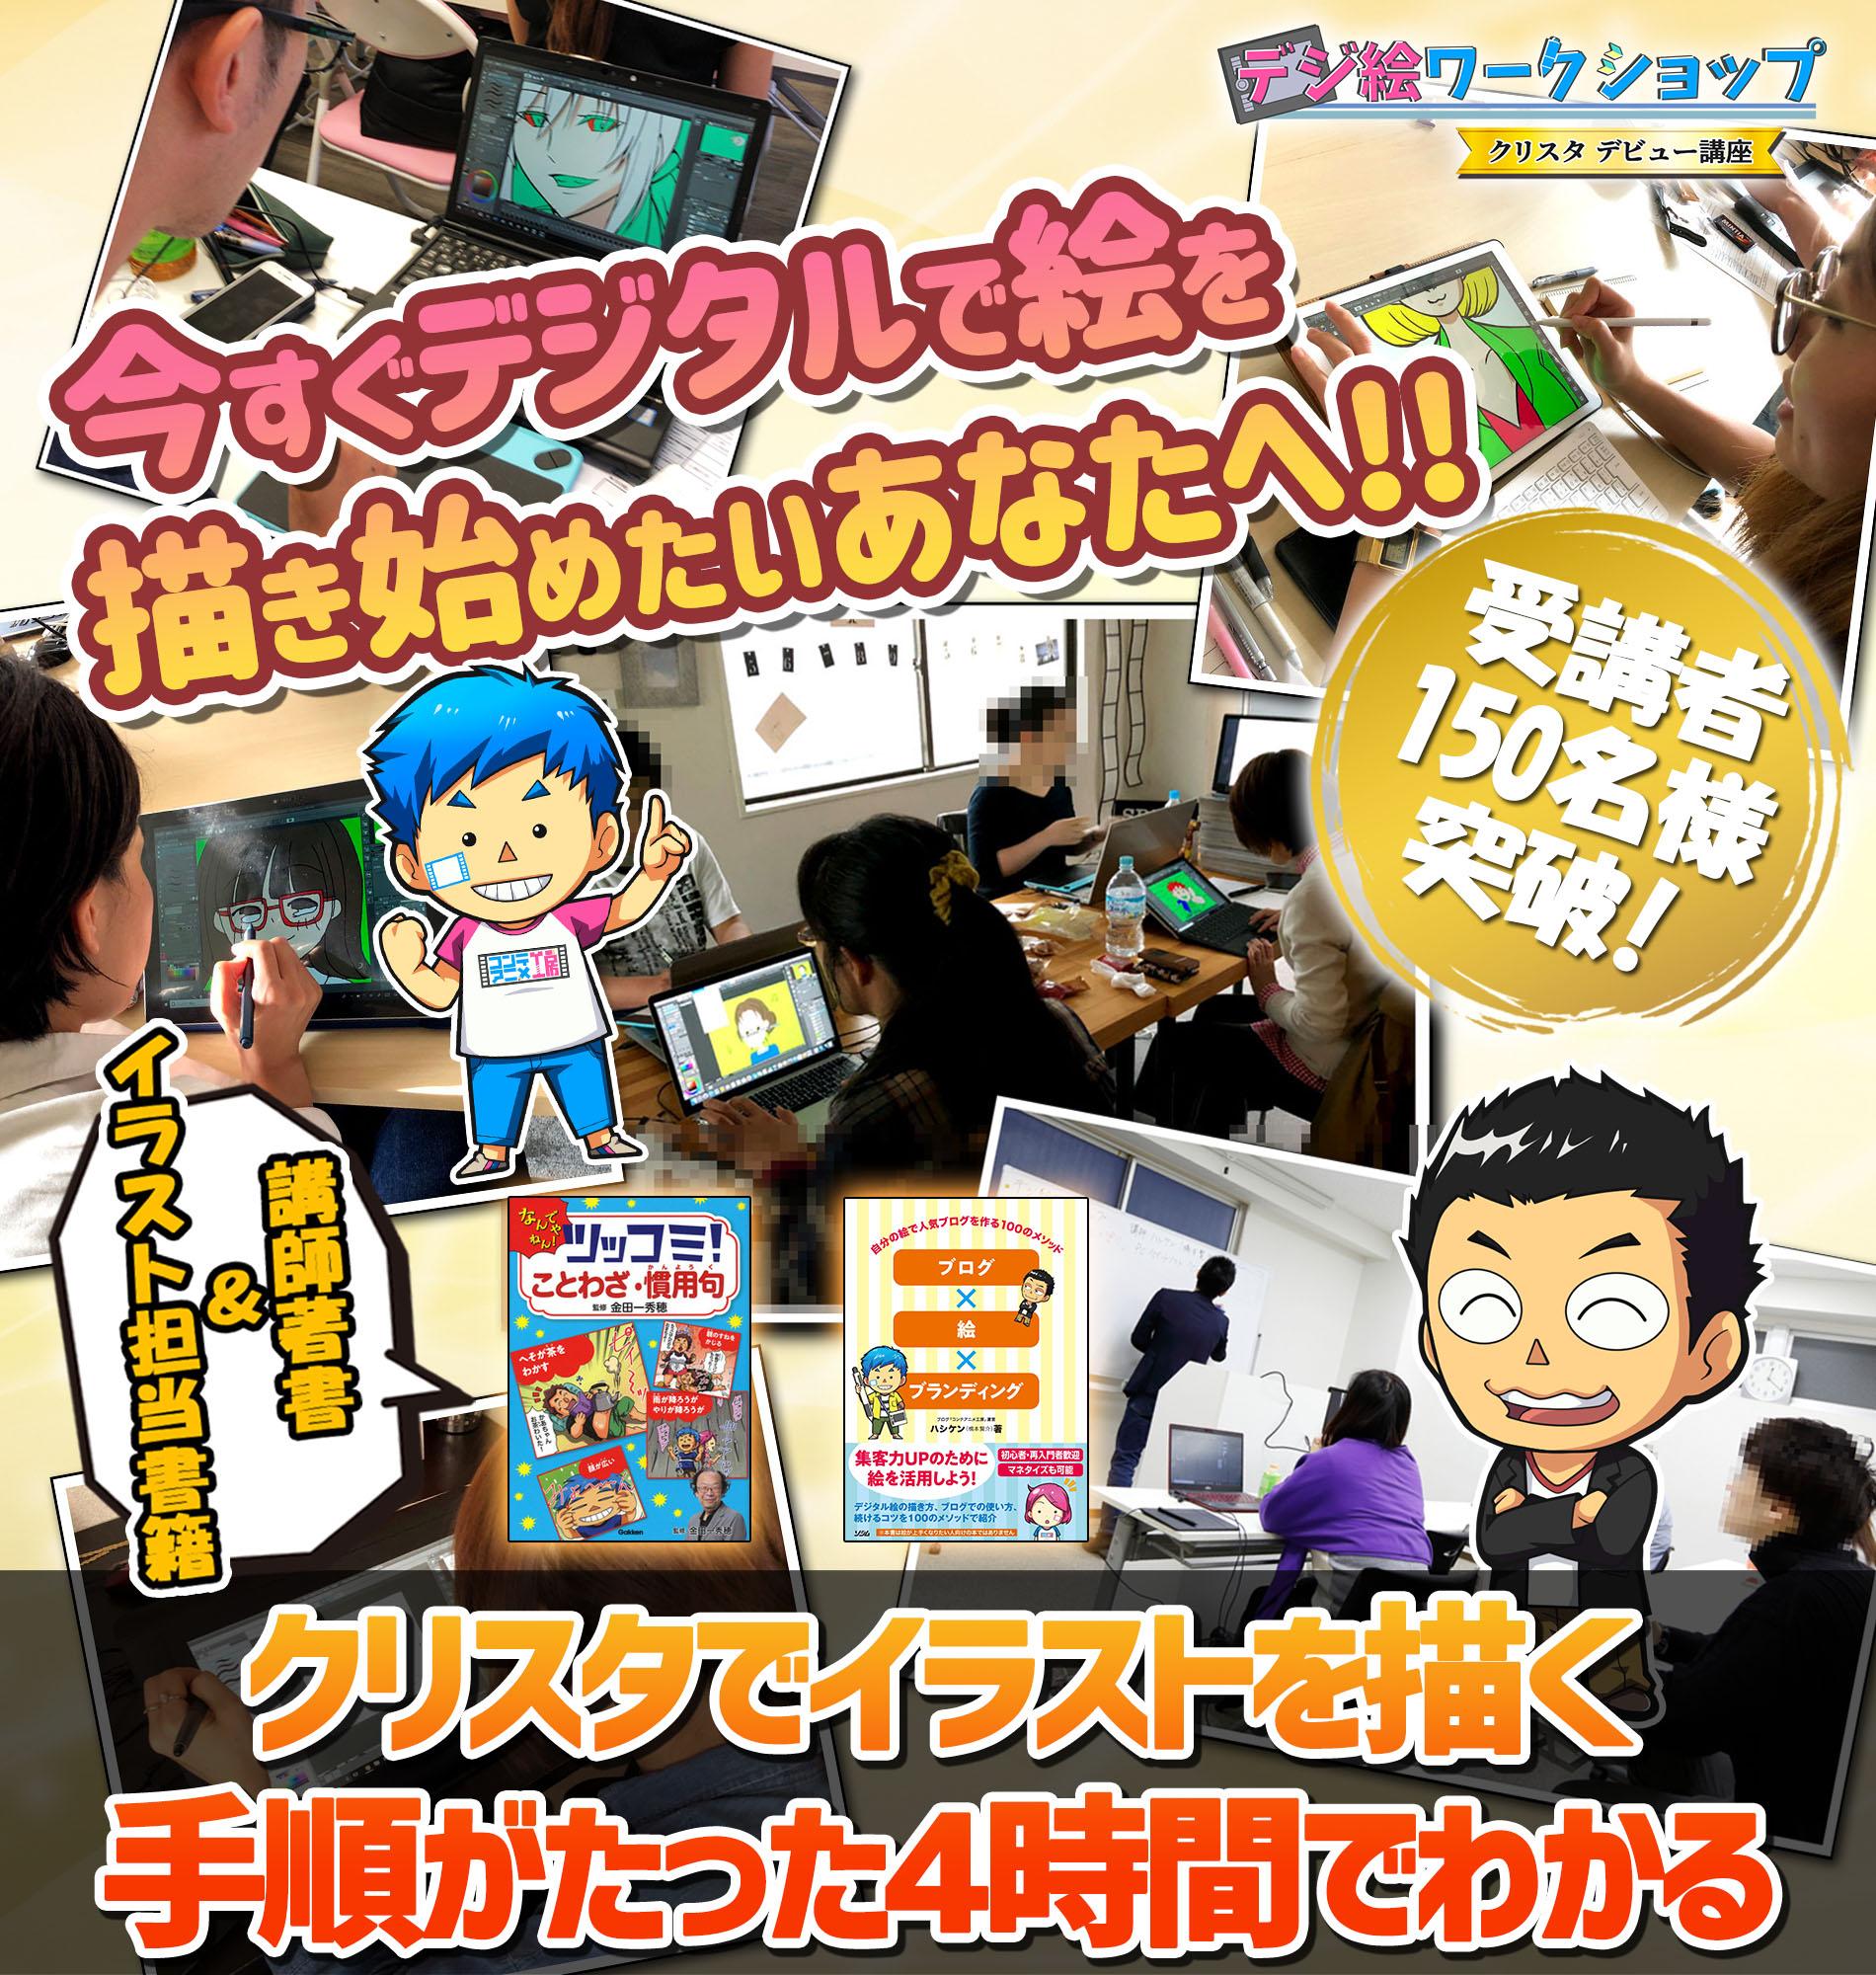 クリスタ 1日 使い方講座 初心者 東京 教室